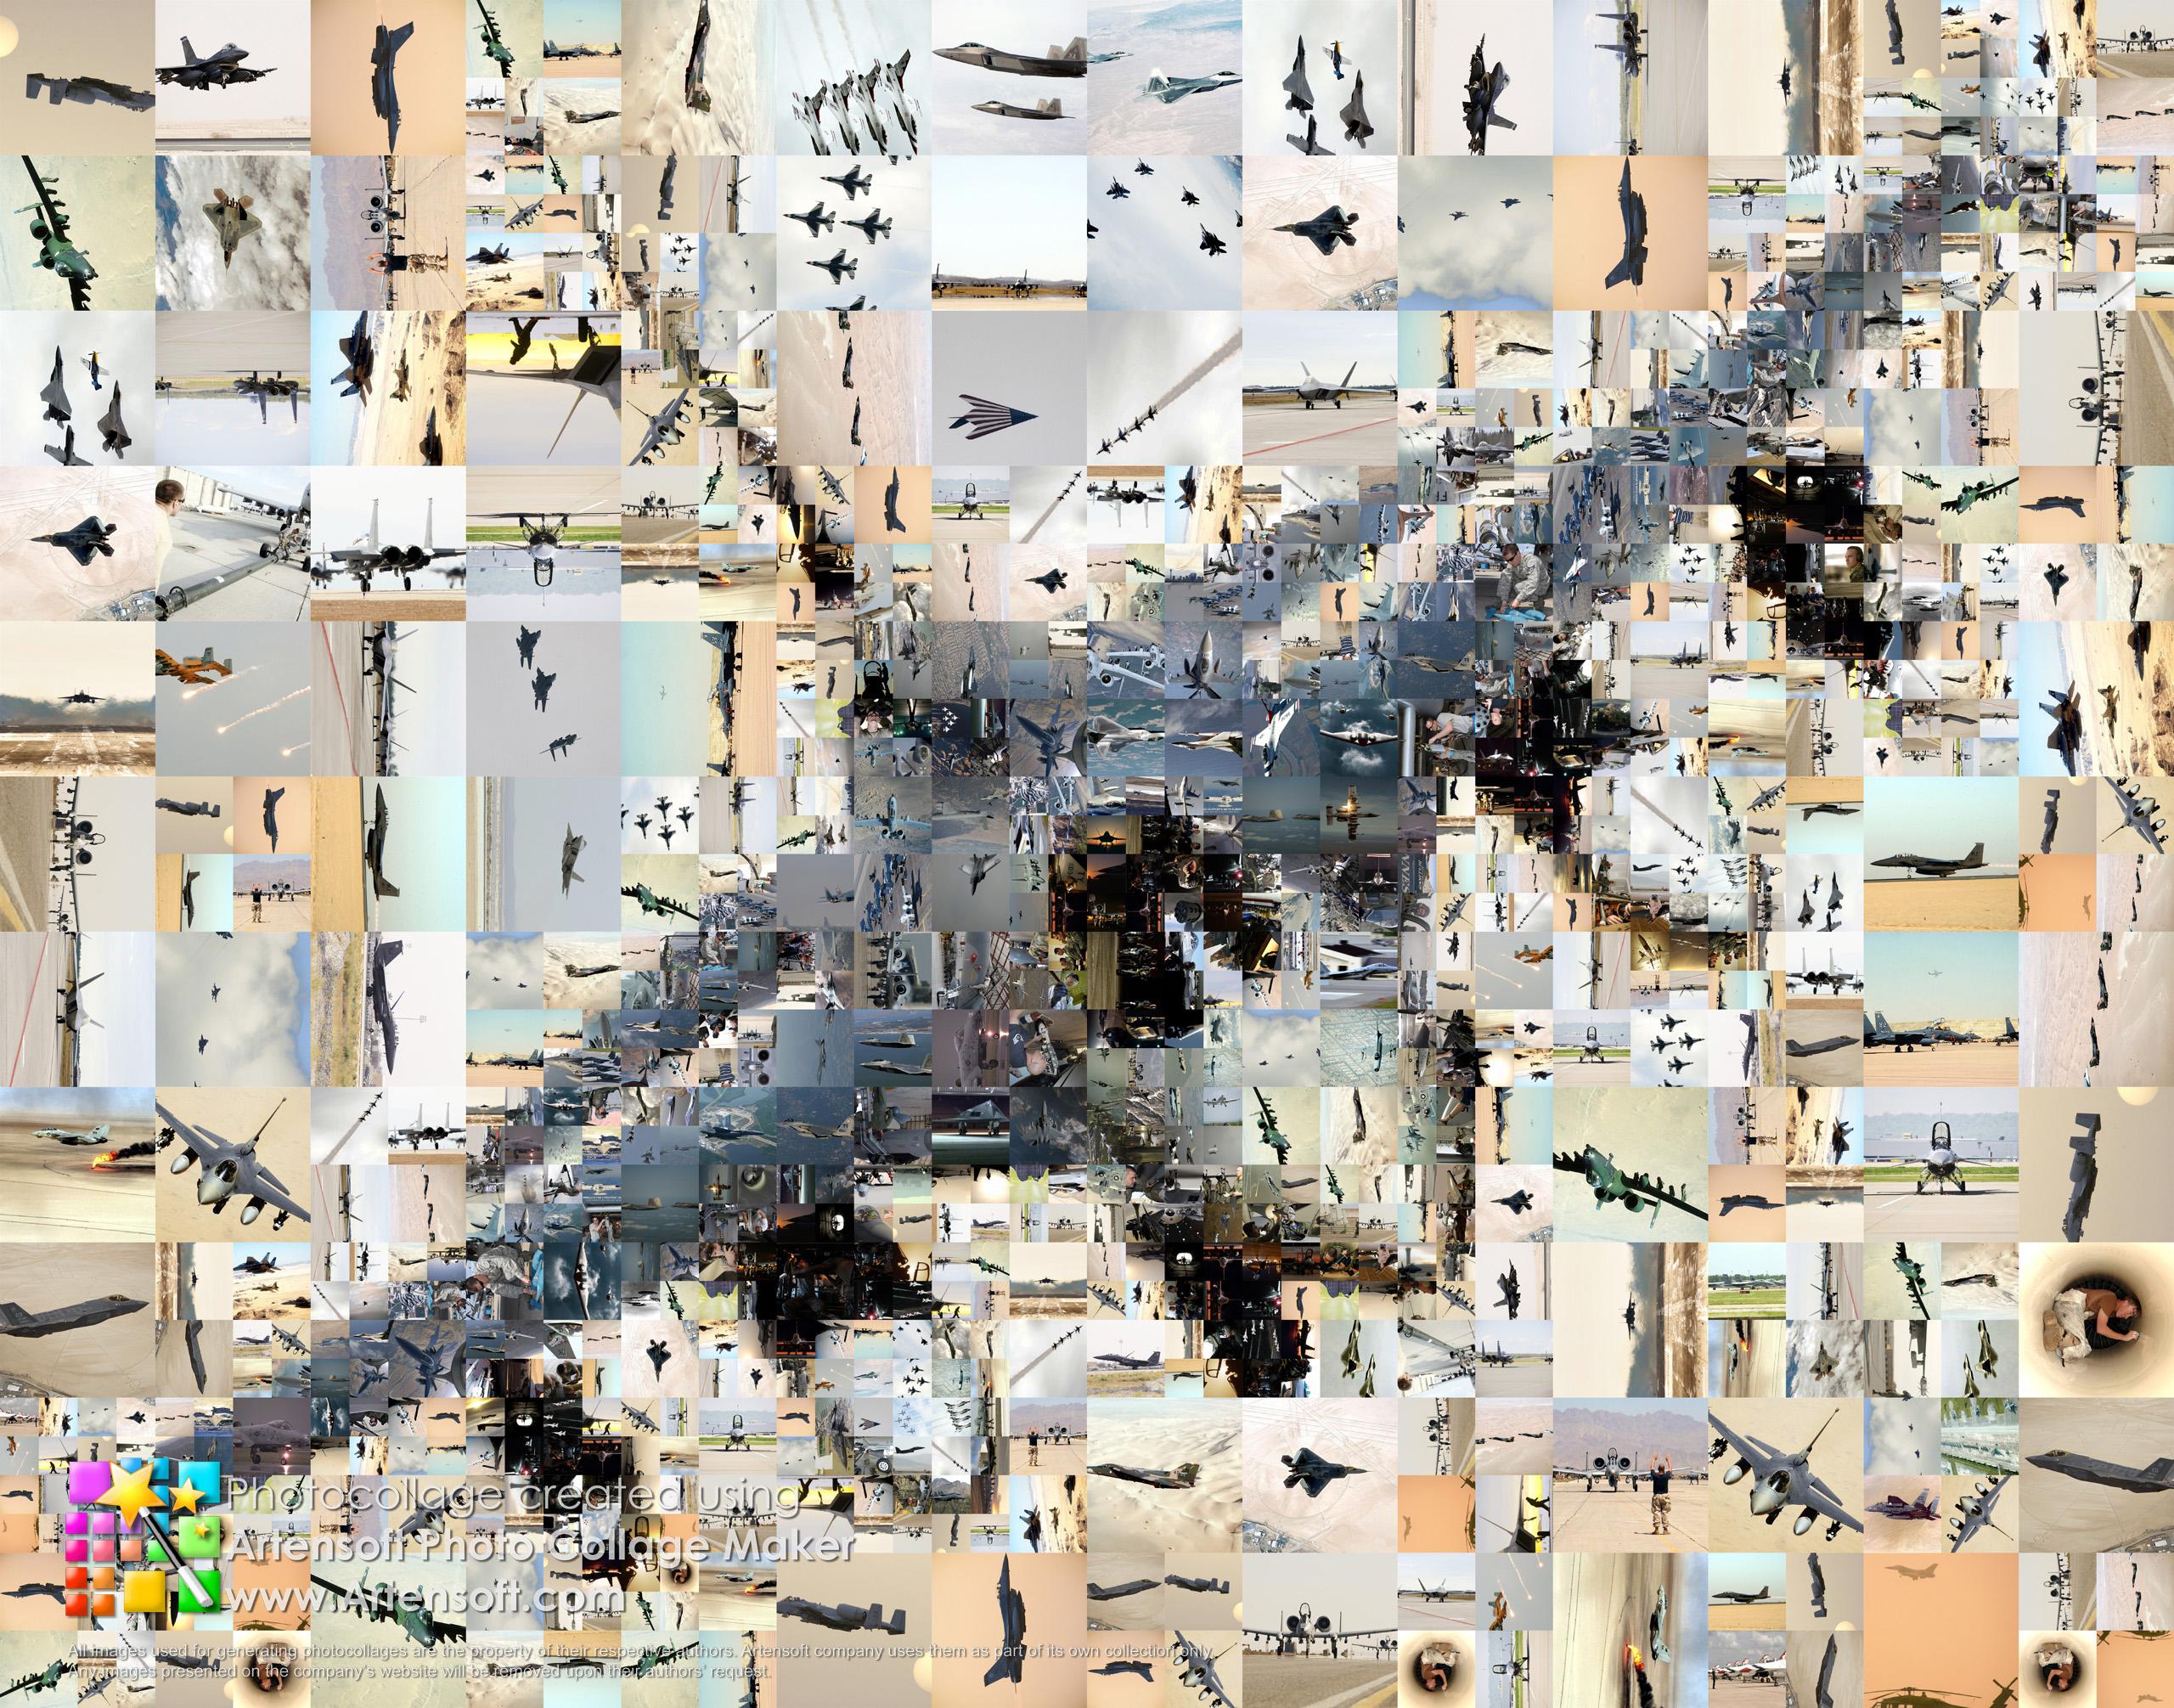 aviation collage  description  program parameters for